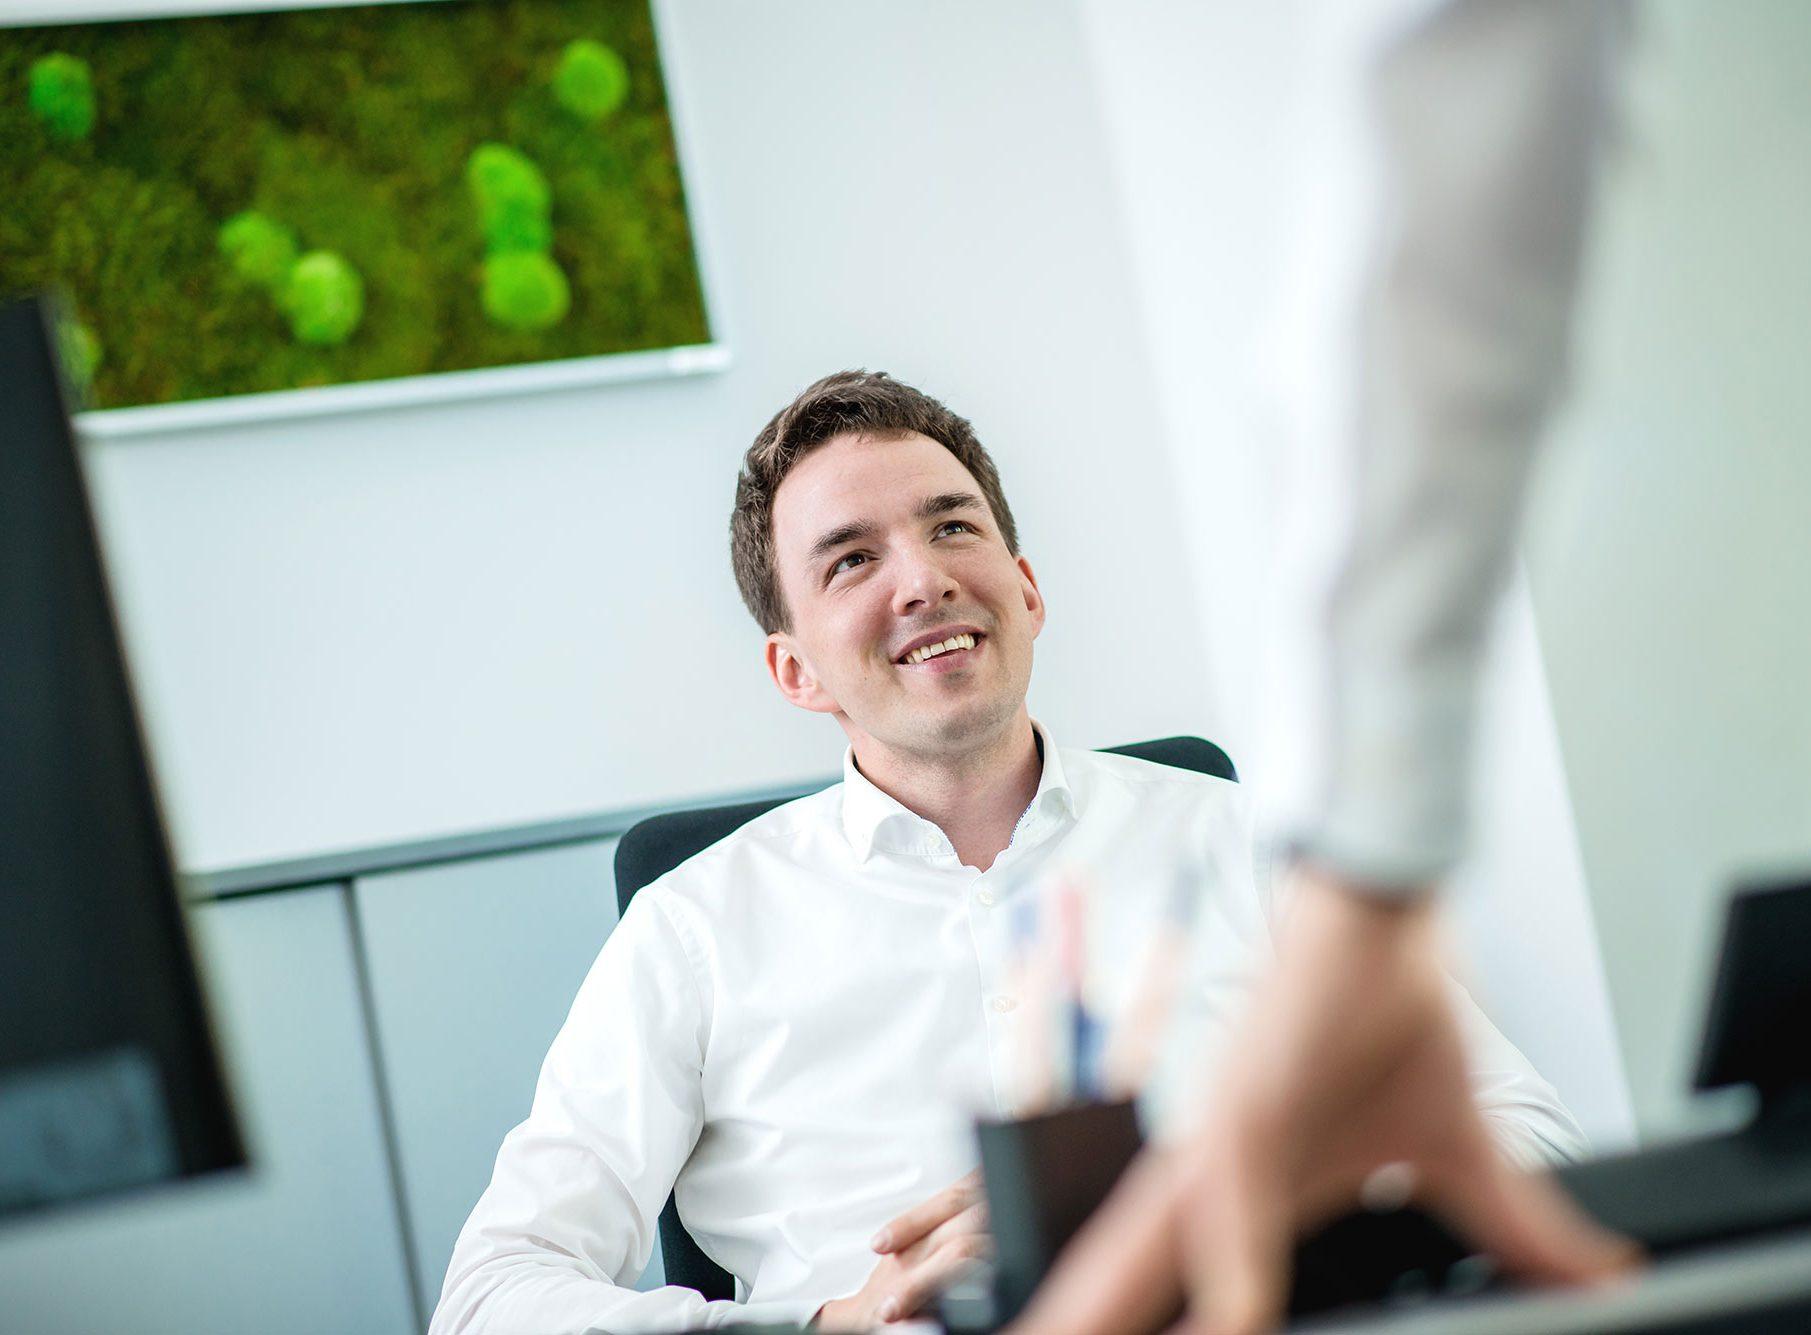 Mann am Schreibtisch zufrieden glücklich selbstbewusst